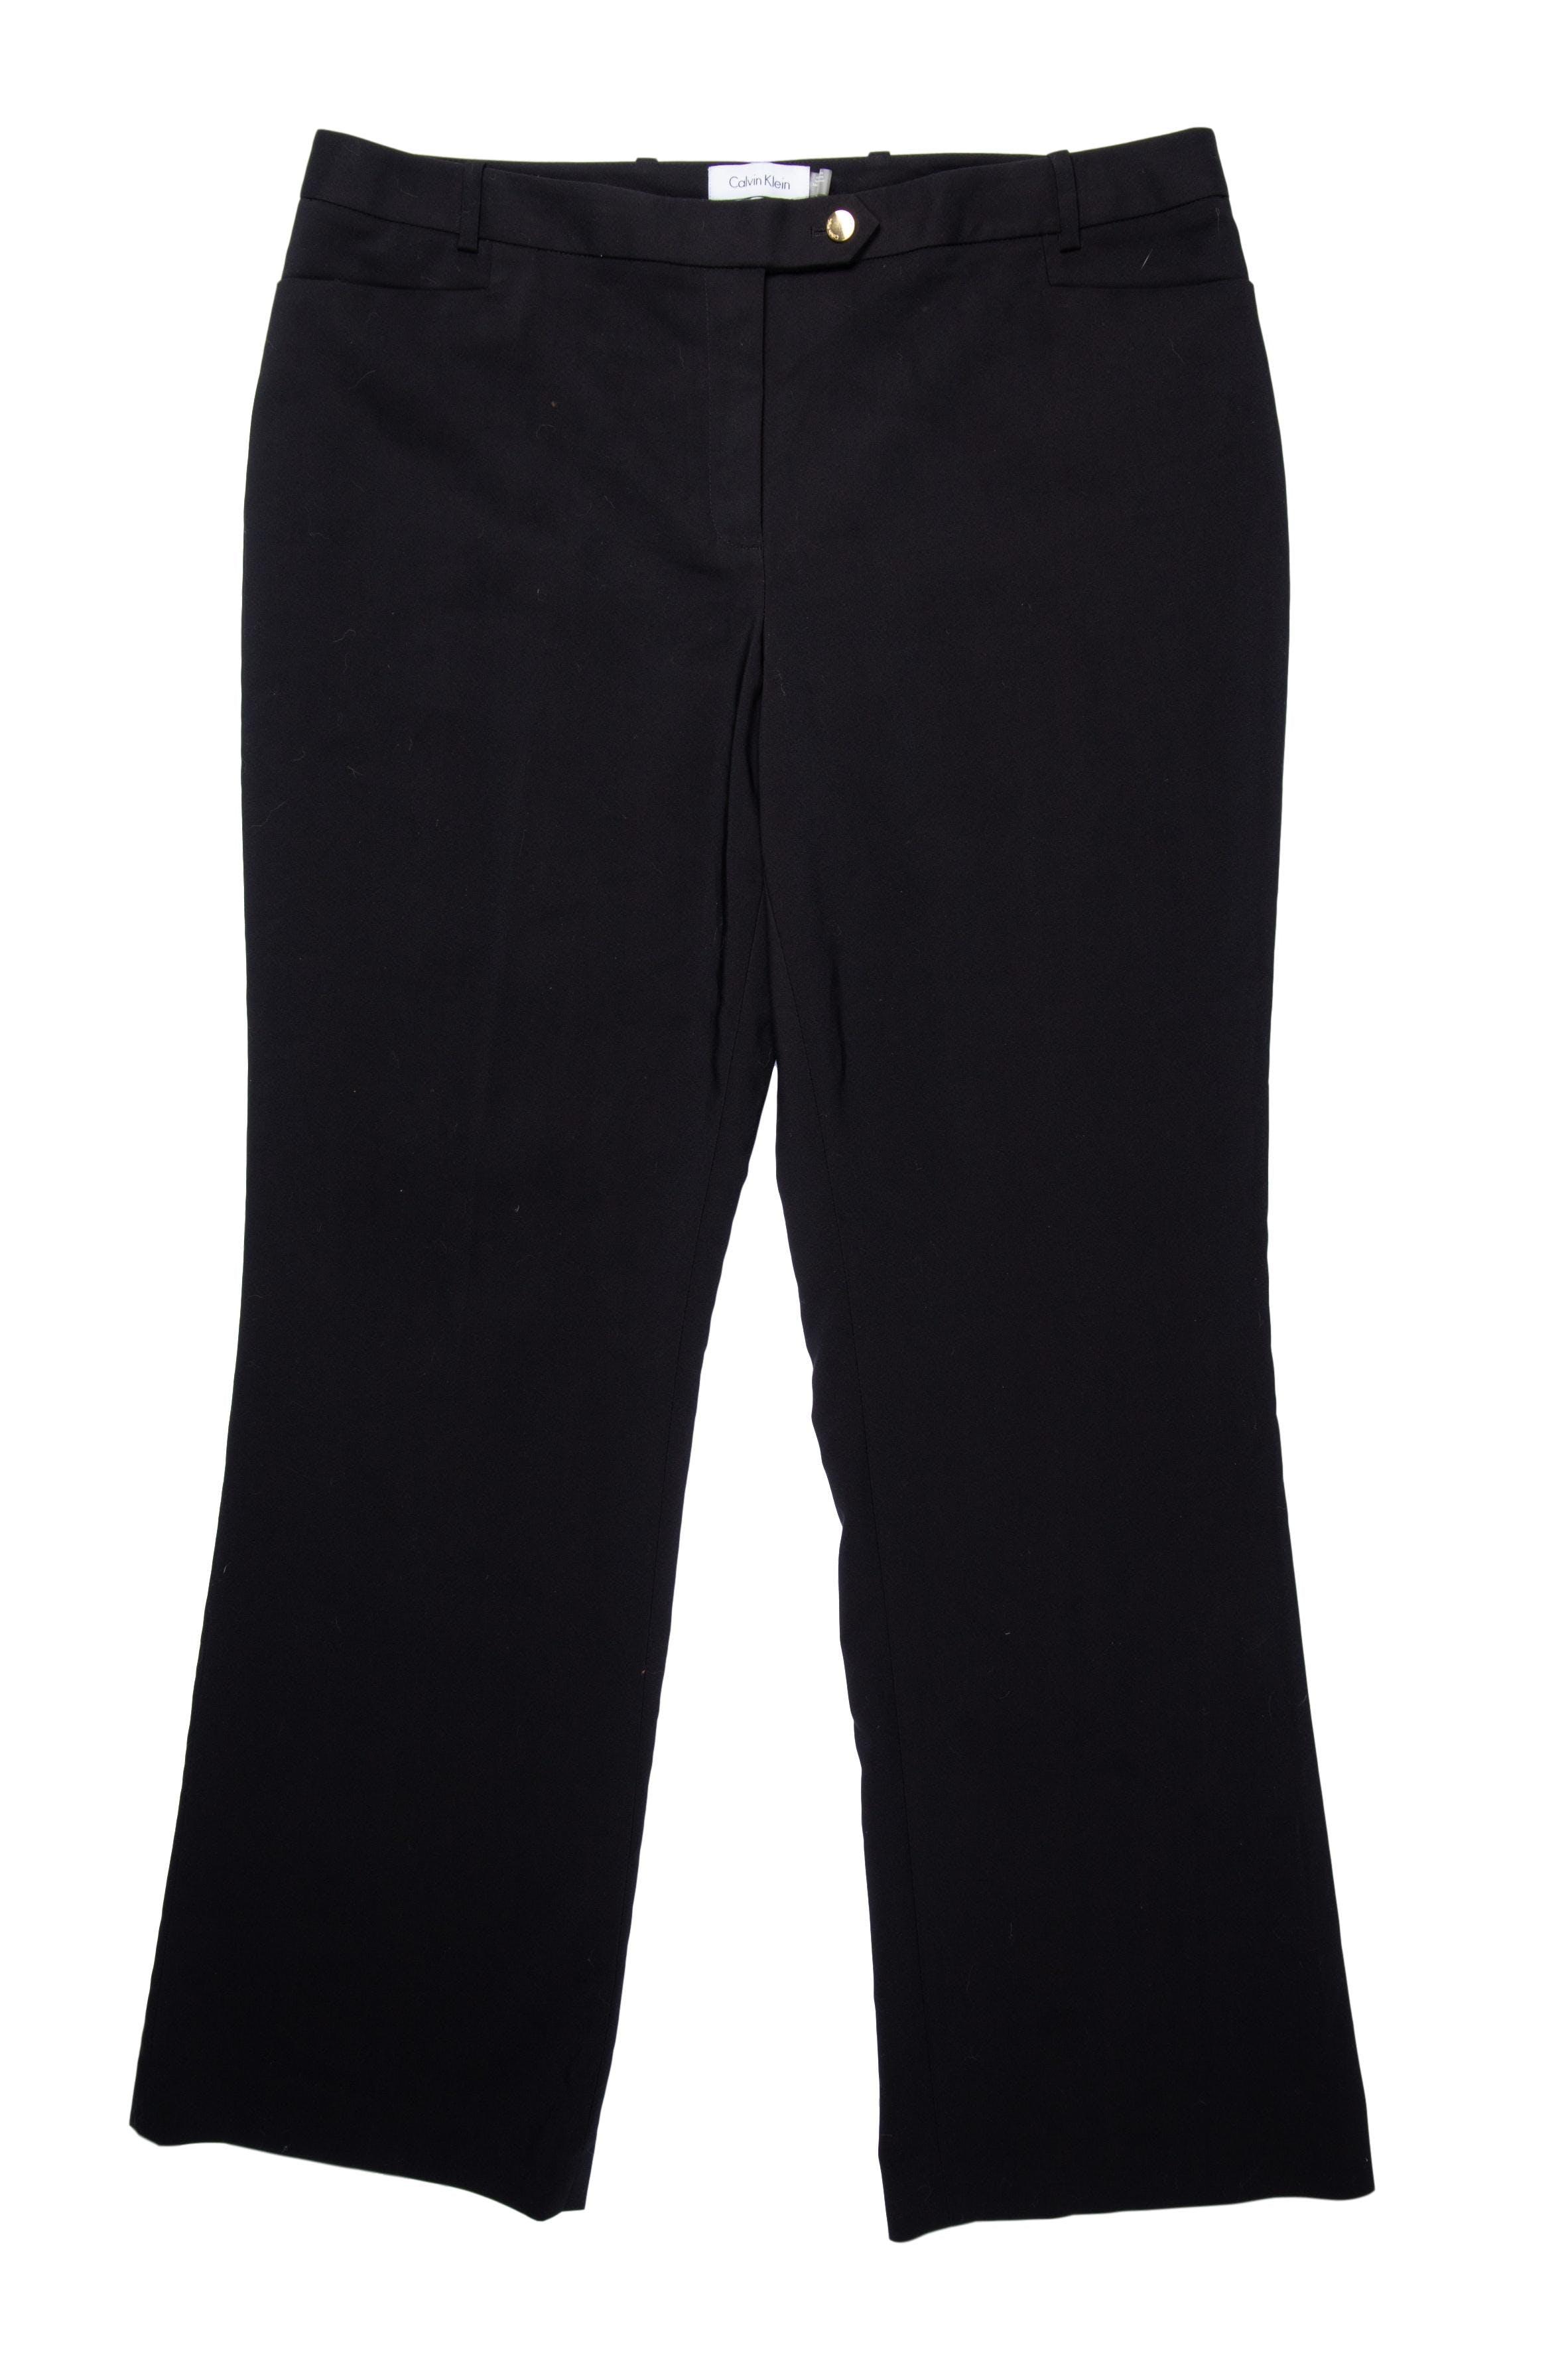 Pantalón Calvin Klein negro, 60% algodón, corte recto, bolsillos laterales y botón dorado. Nuevo con etiqueta. Precio original USD120 Talla XL (talla 14, pretina: 97cm)